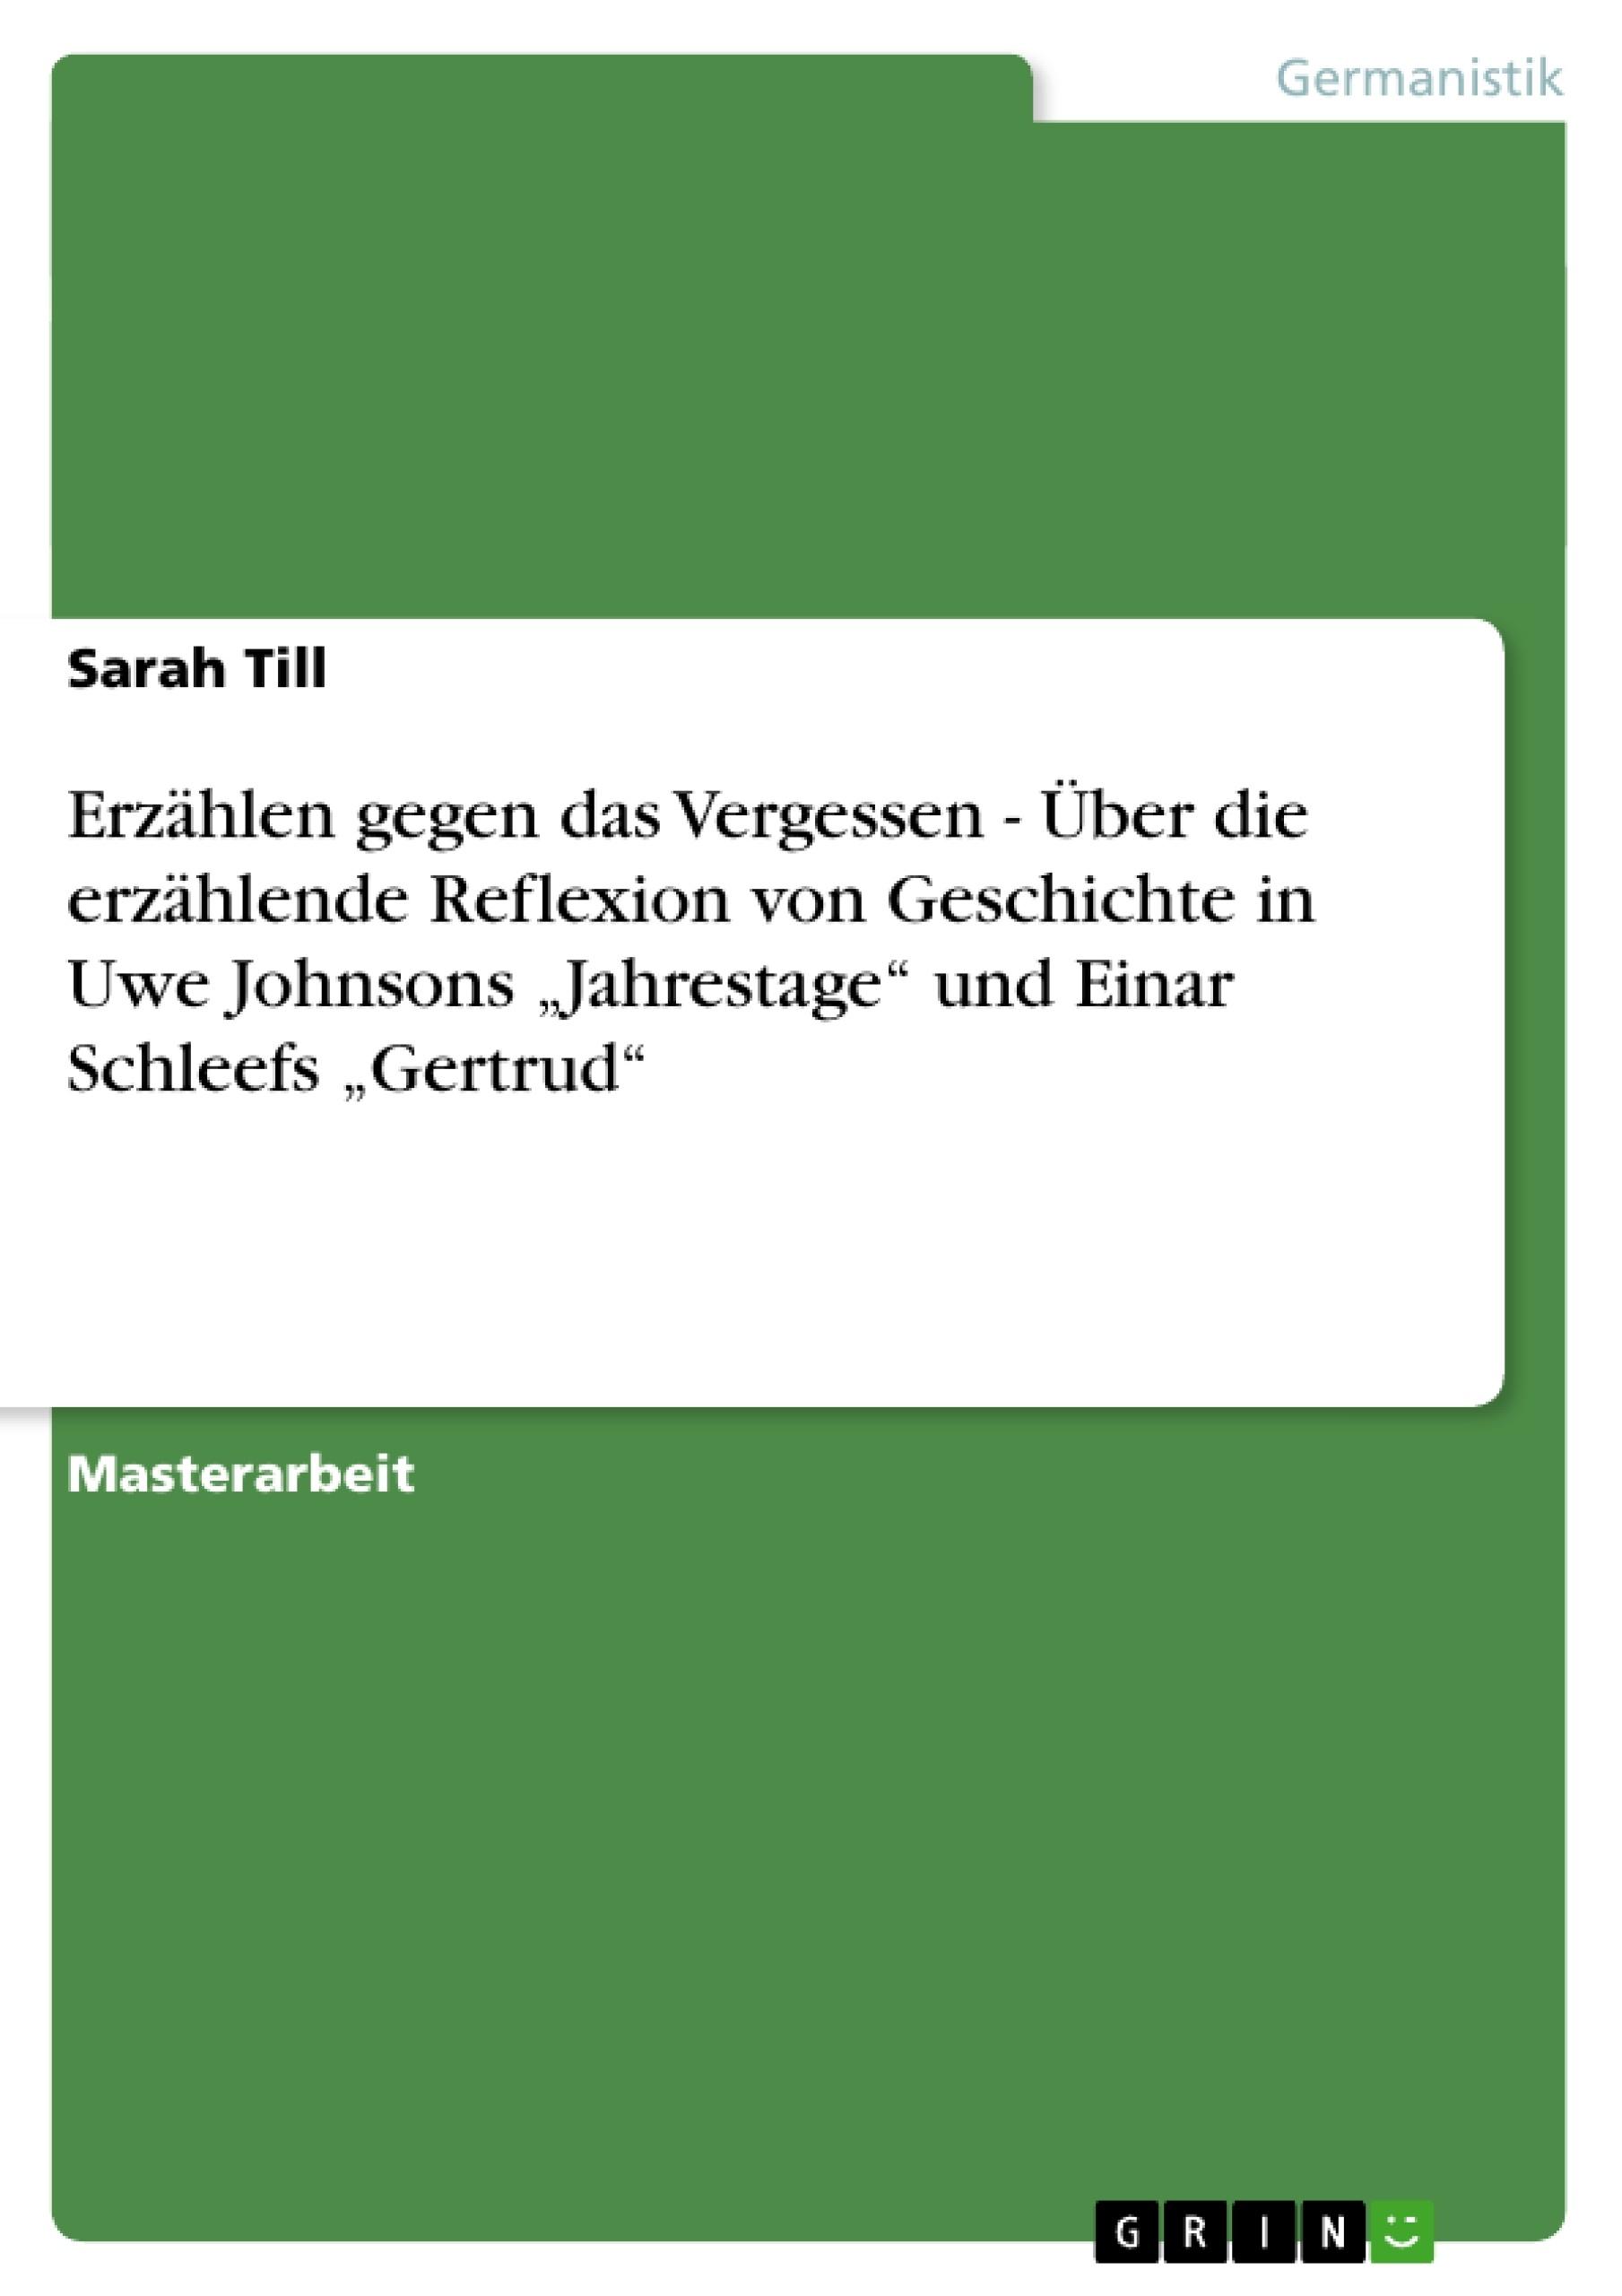 """Titel: Erzählen gegen das Vergessen - Über die erzählende Reflexion von Geschichte in Uwe Johnsons """"Jahrestage"""" und Einar Schleefs """"Gertrud"""""""